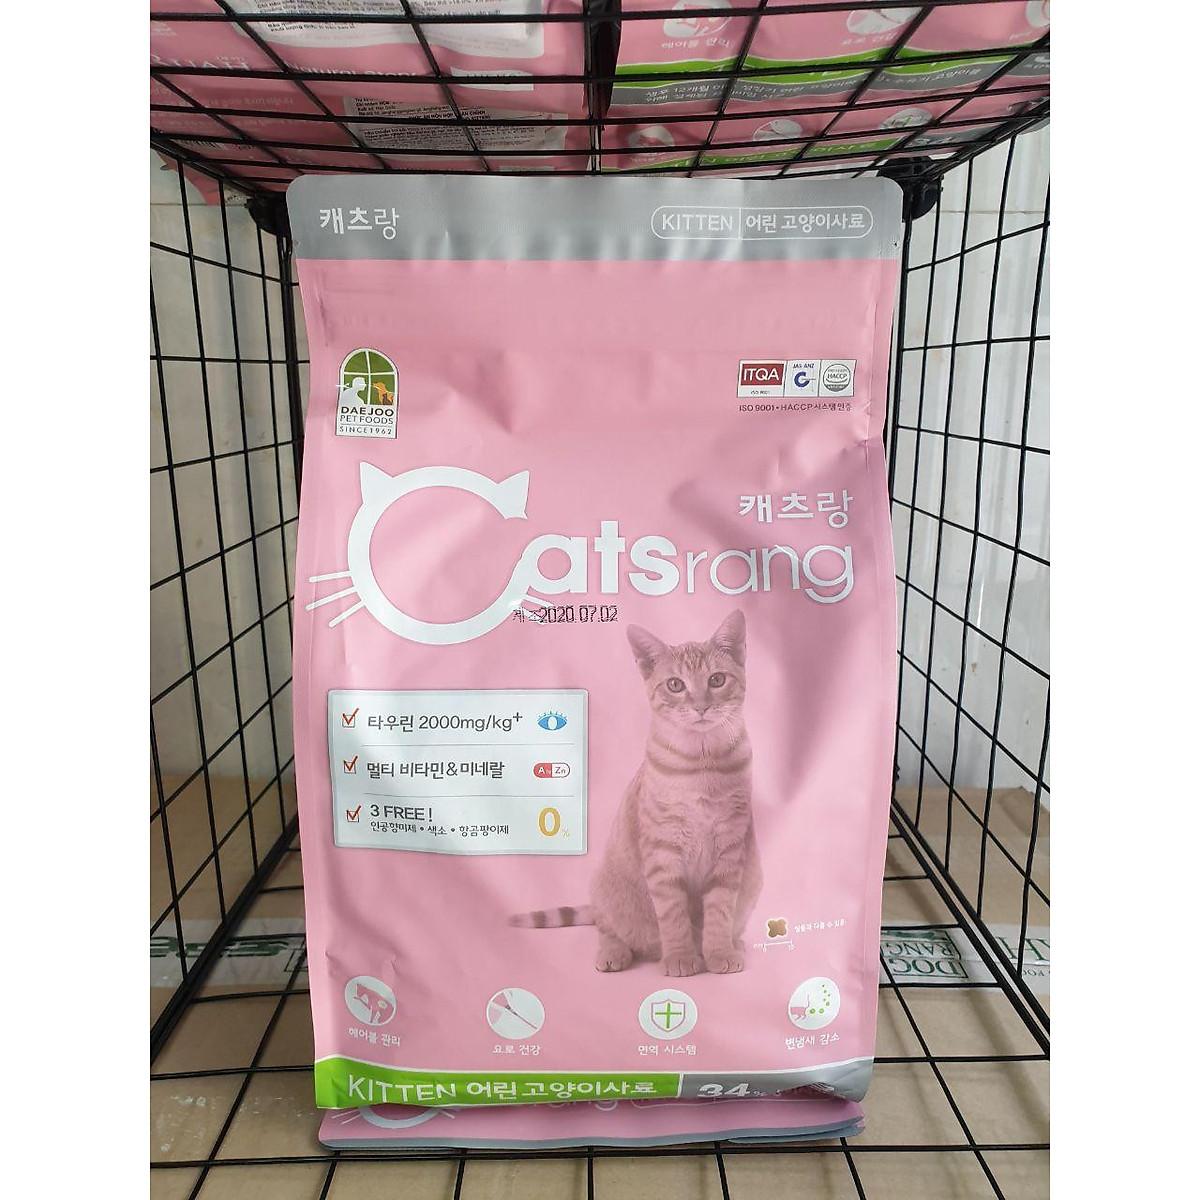 Catsrang - Thức Ăn Hạt Cho Mèo Con - Catsrang Kitten (Túi 1,5 Kg)